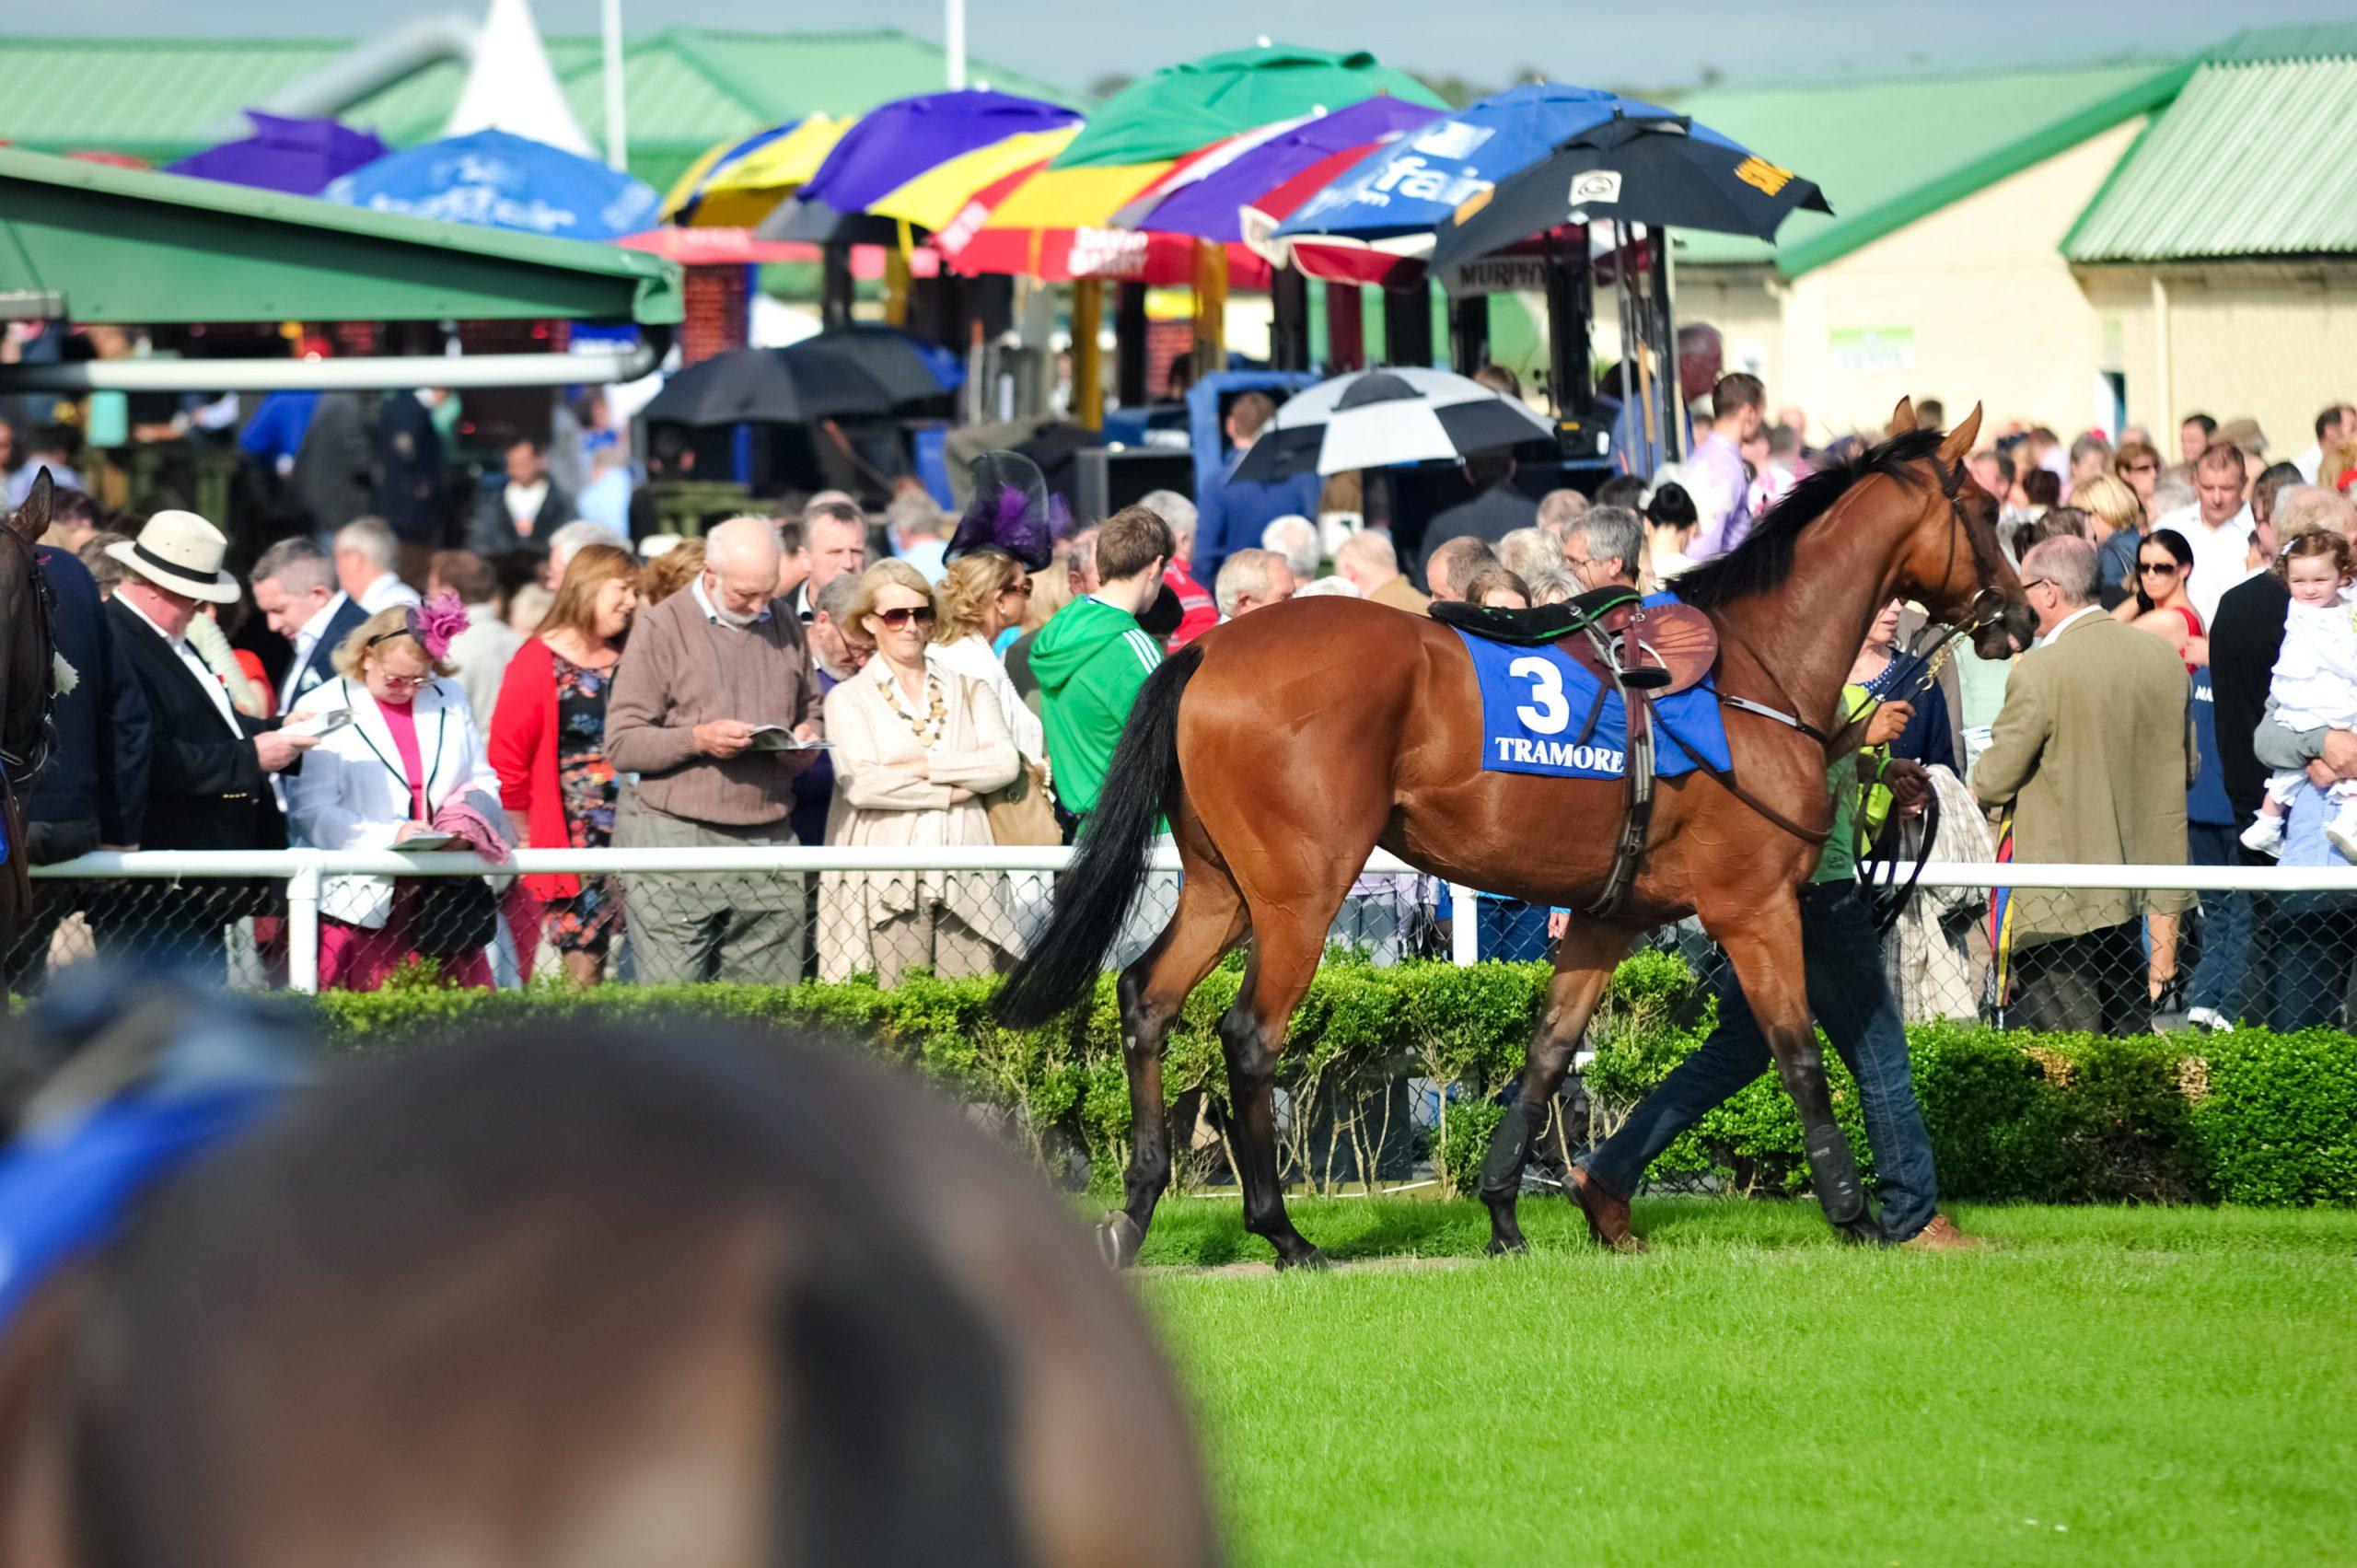 County Waterford jockeys score in the UK